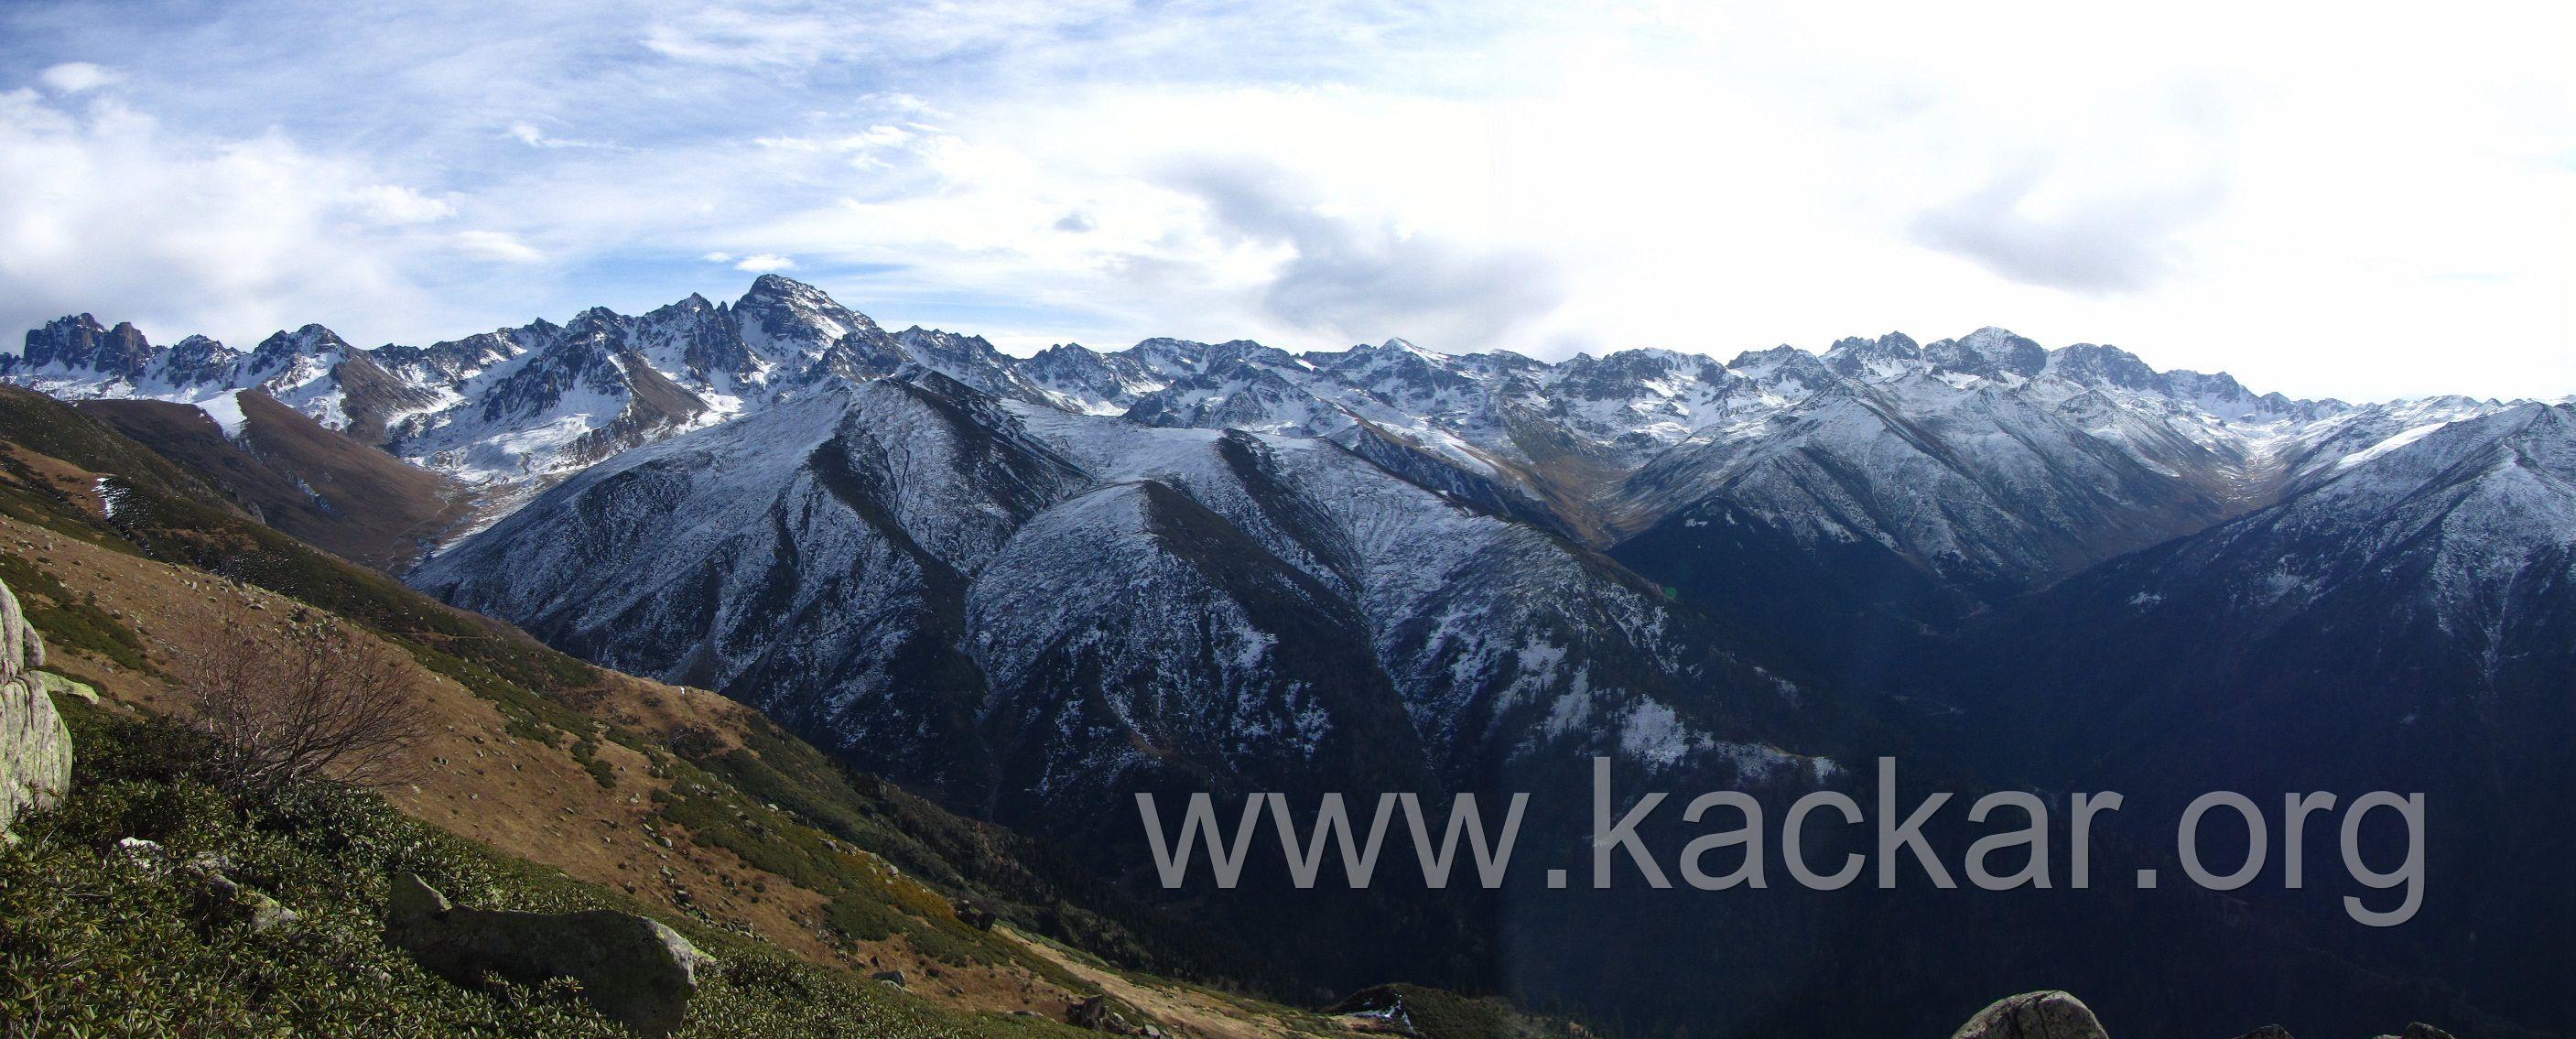 Huser Yaylası'ndan Kaçkar Dağları